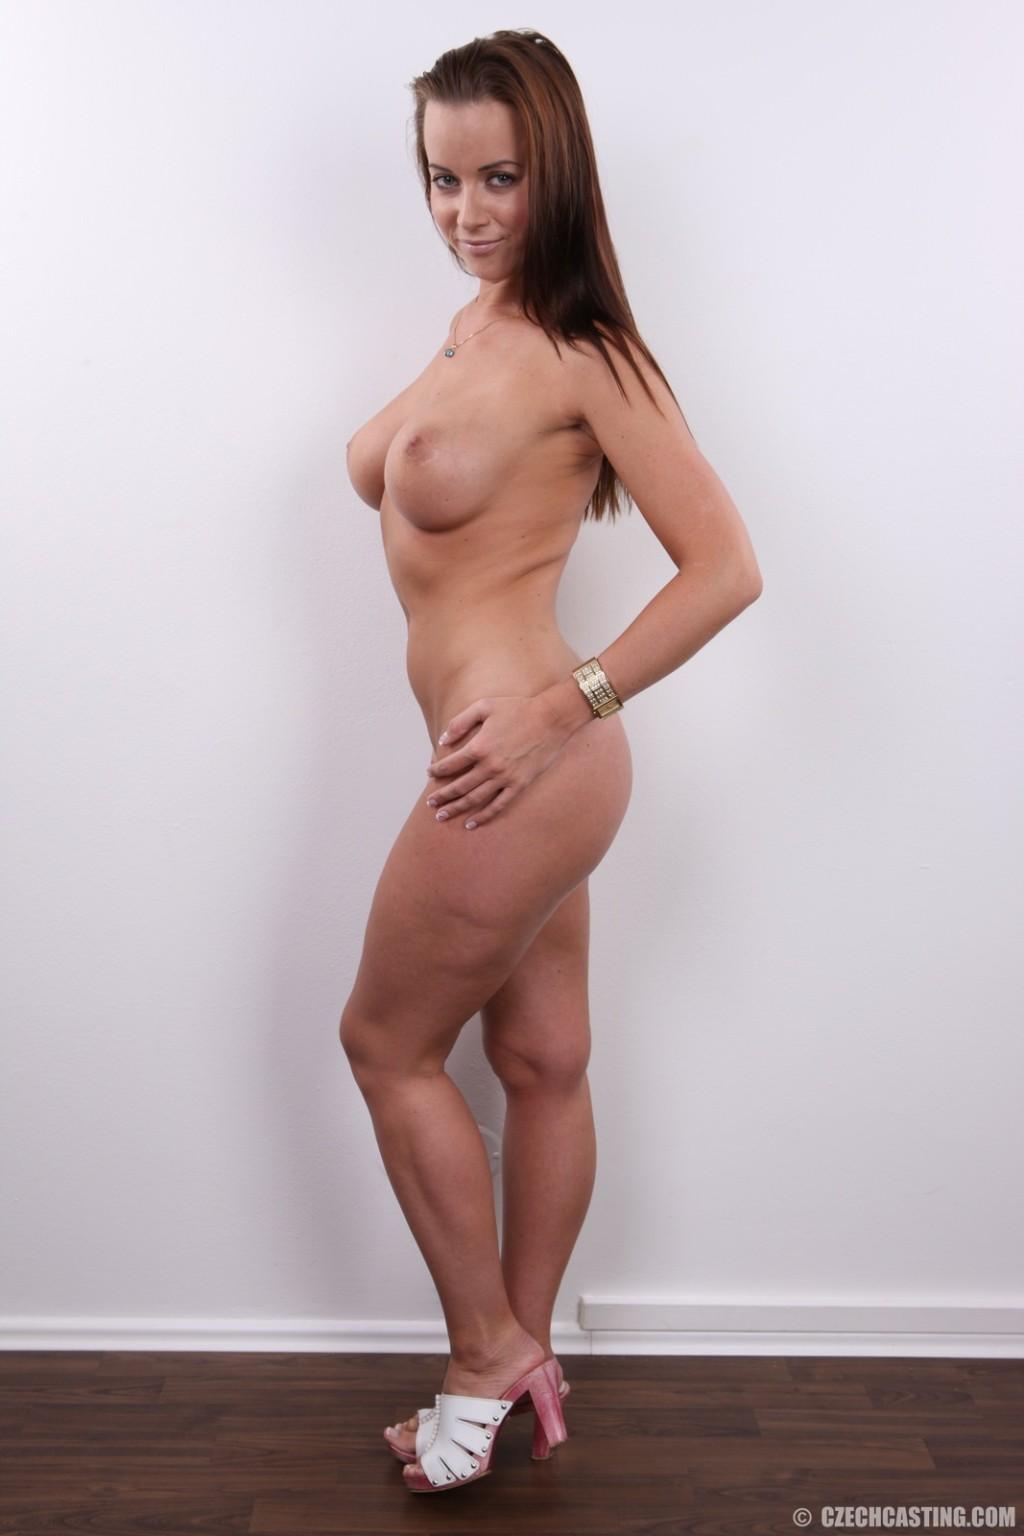 Сочные женщины - Галерея № 3502690